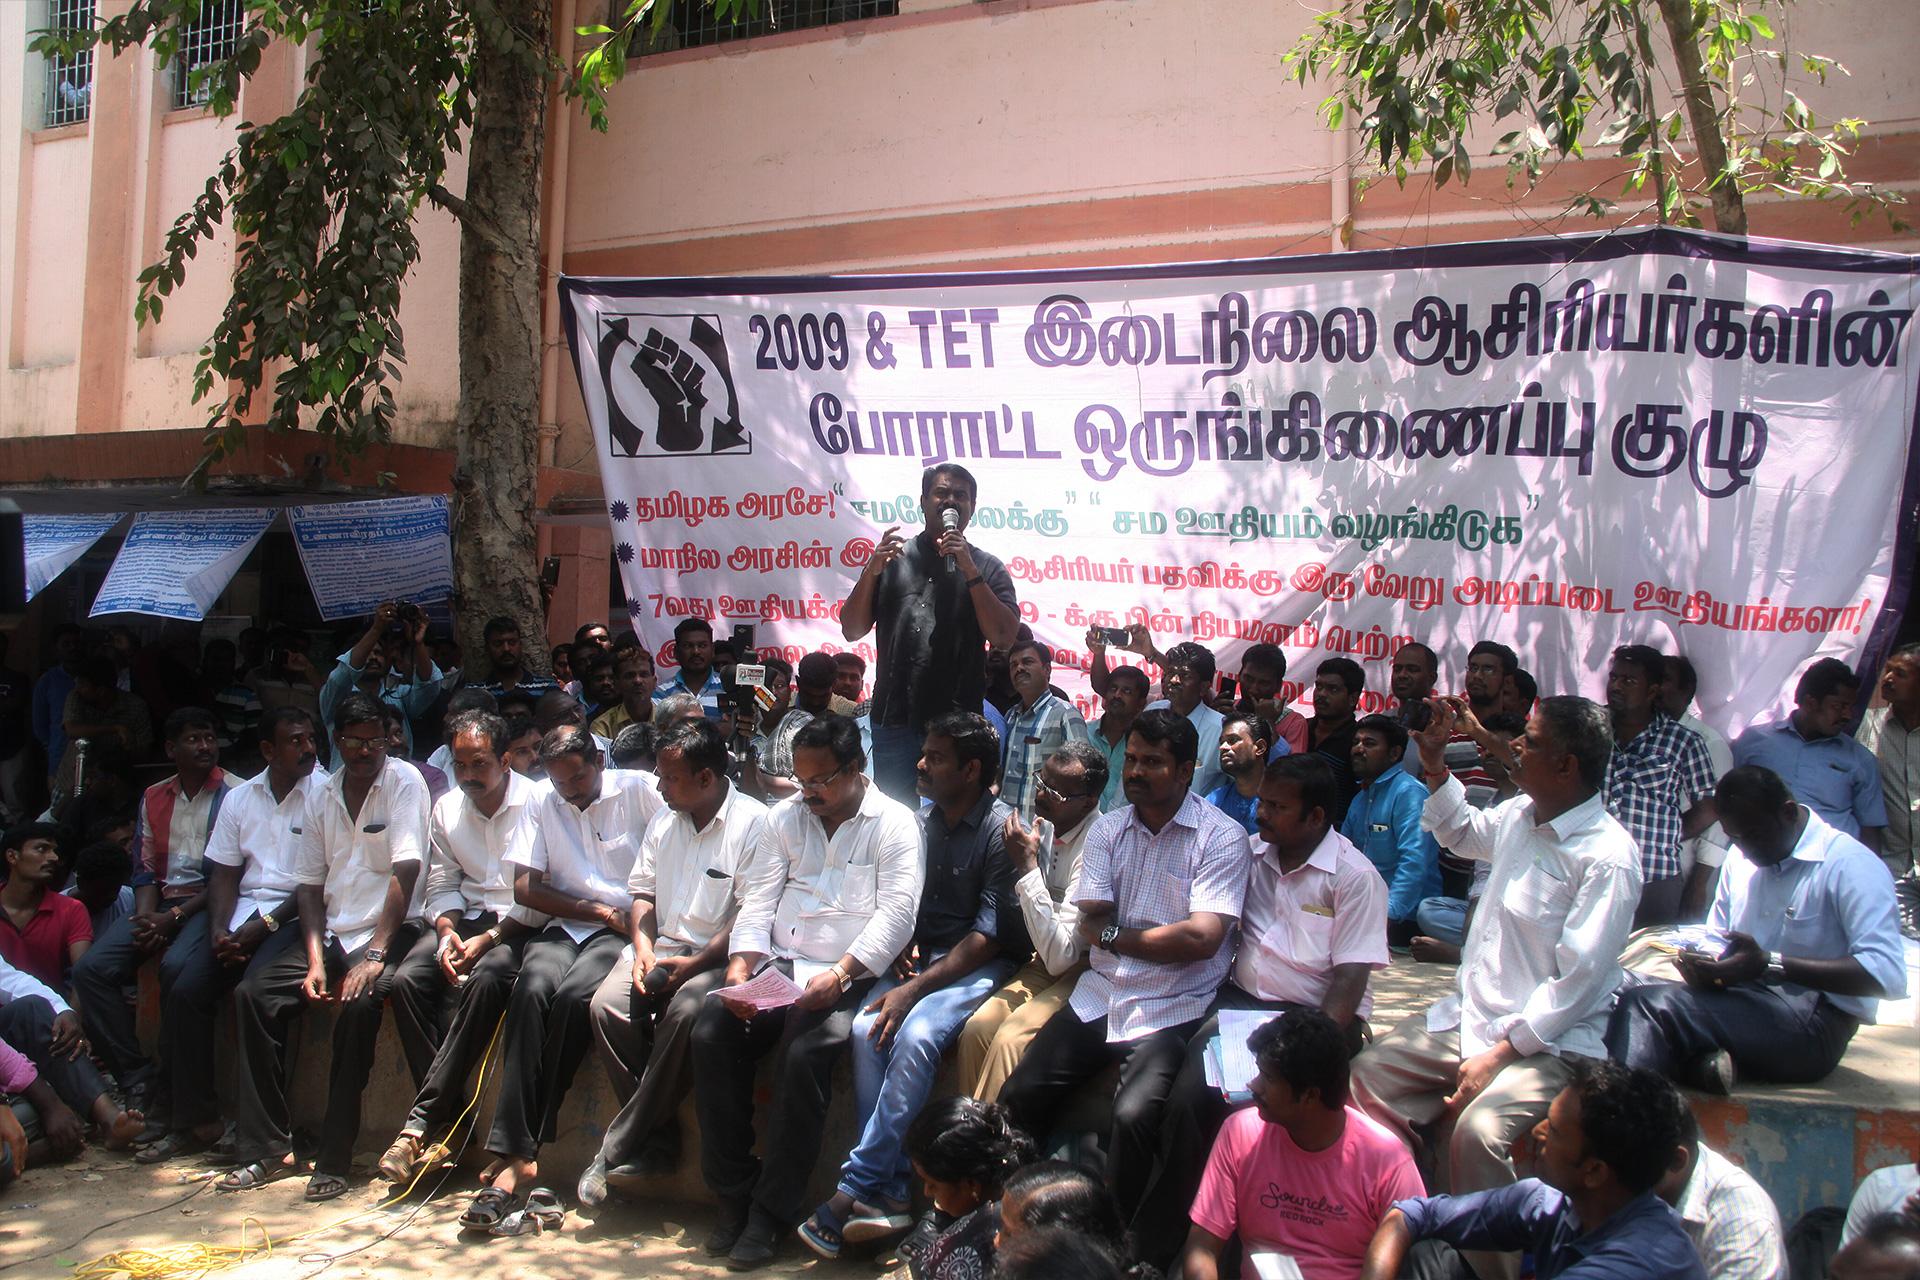 ஊதிய முரண்பாடுகளைக் களையக்கோரி இடைநிலை ஆசிரியர்கள் தொடர் போராட்டம் – சீமான் நேரில் ஆதரவு TET Secondary Teachers Protest Equal Pay For Equal Post Chennai Seeman Support 6